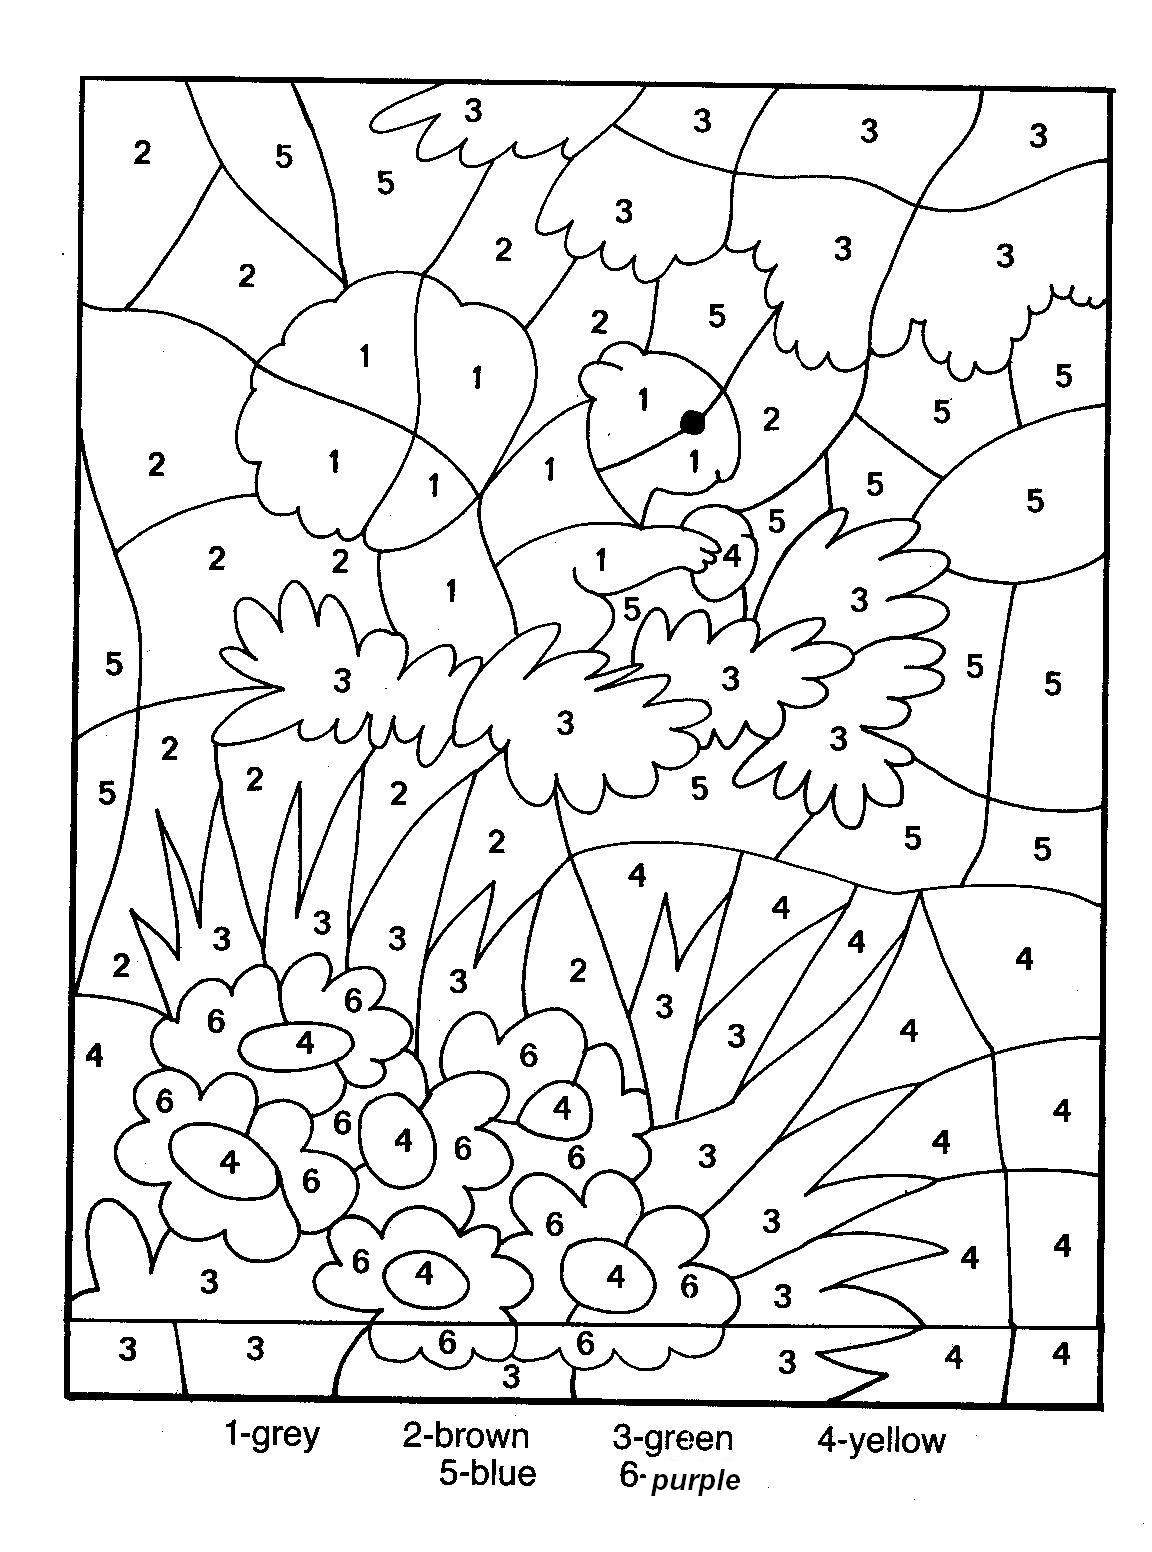 Coloriage Magique Gs Automne.25 Dessins De Coloriage Magique Gs A Imprimer